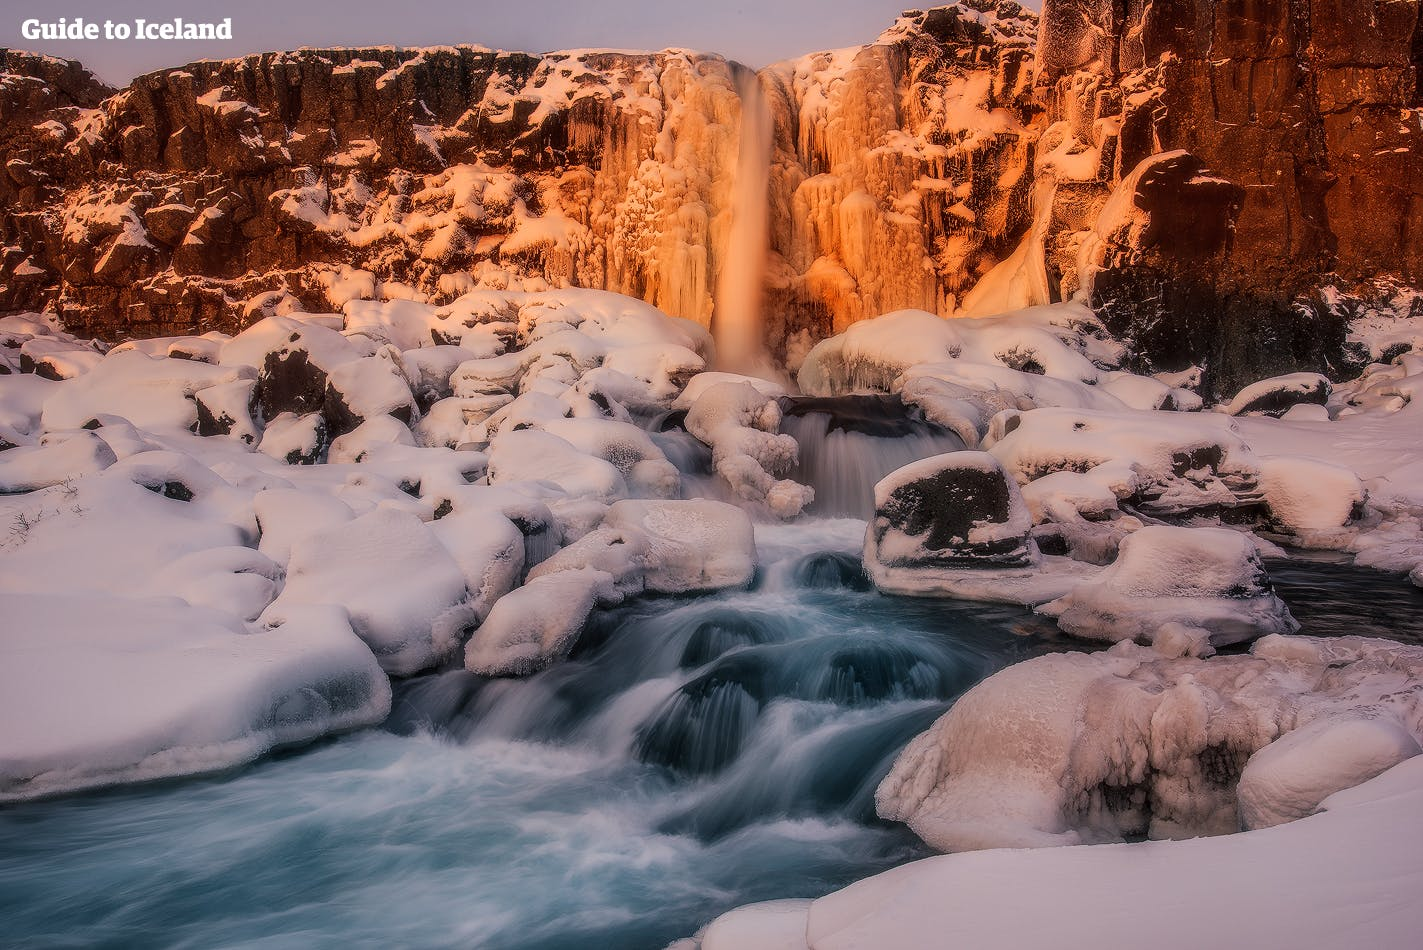 น้ำตกอ๊อกซาฟอสส์ในอุทยานฯ ธิงเวลลีย์บนเส้นทางวงกลมทองคำ